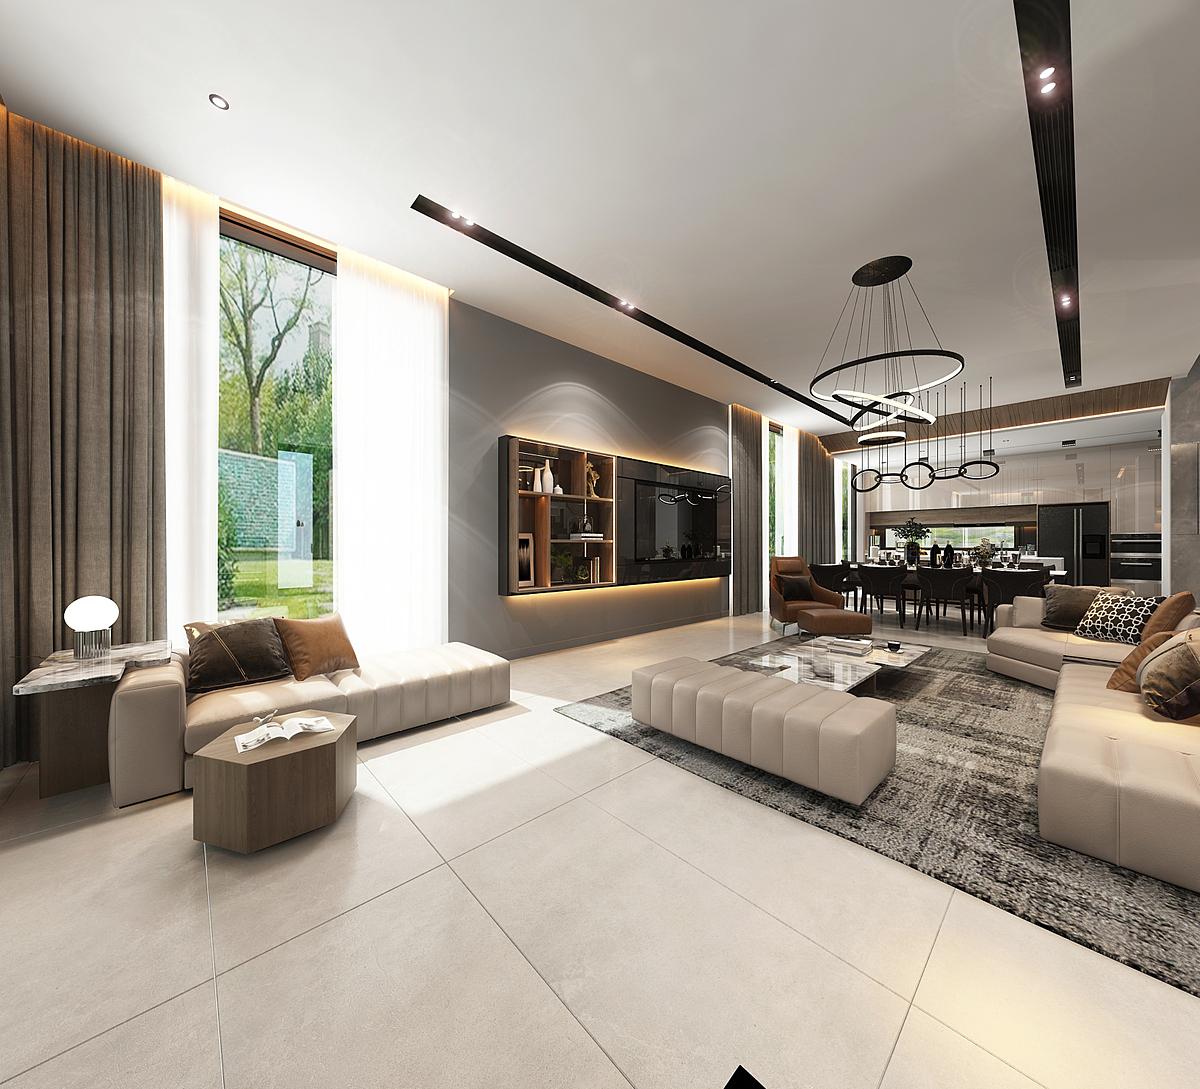 Việc bố trí công năng sử dụng của villa cũng thể hiện chất hiện đại, phóng khoáng của thời đại khi tạo ra không gian sống cởi mở. Toàn bộ khu vực sảnh vào kết nối phòng khách - bếp - phòng ăn thành một không gian hài hòa rộng mở cho cả gia đình.